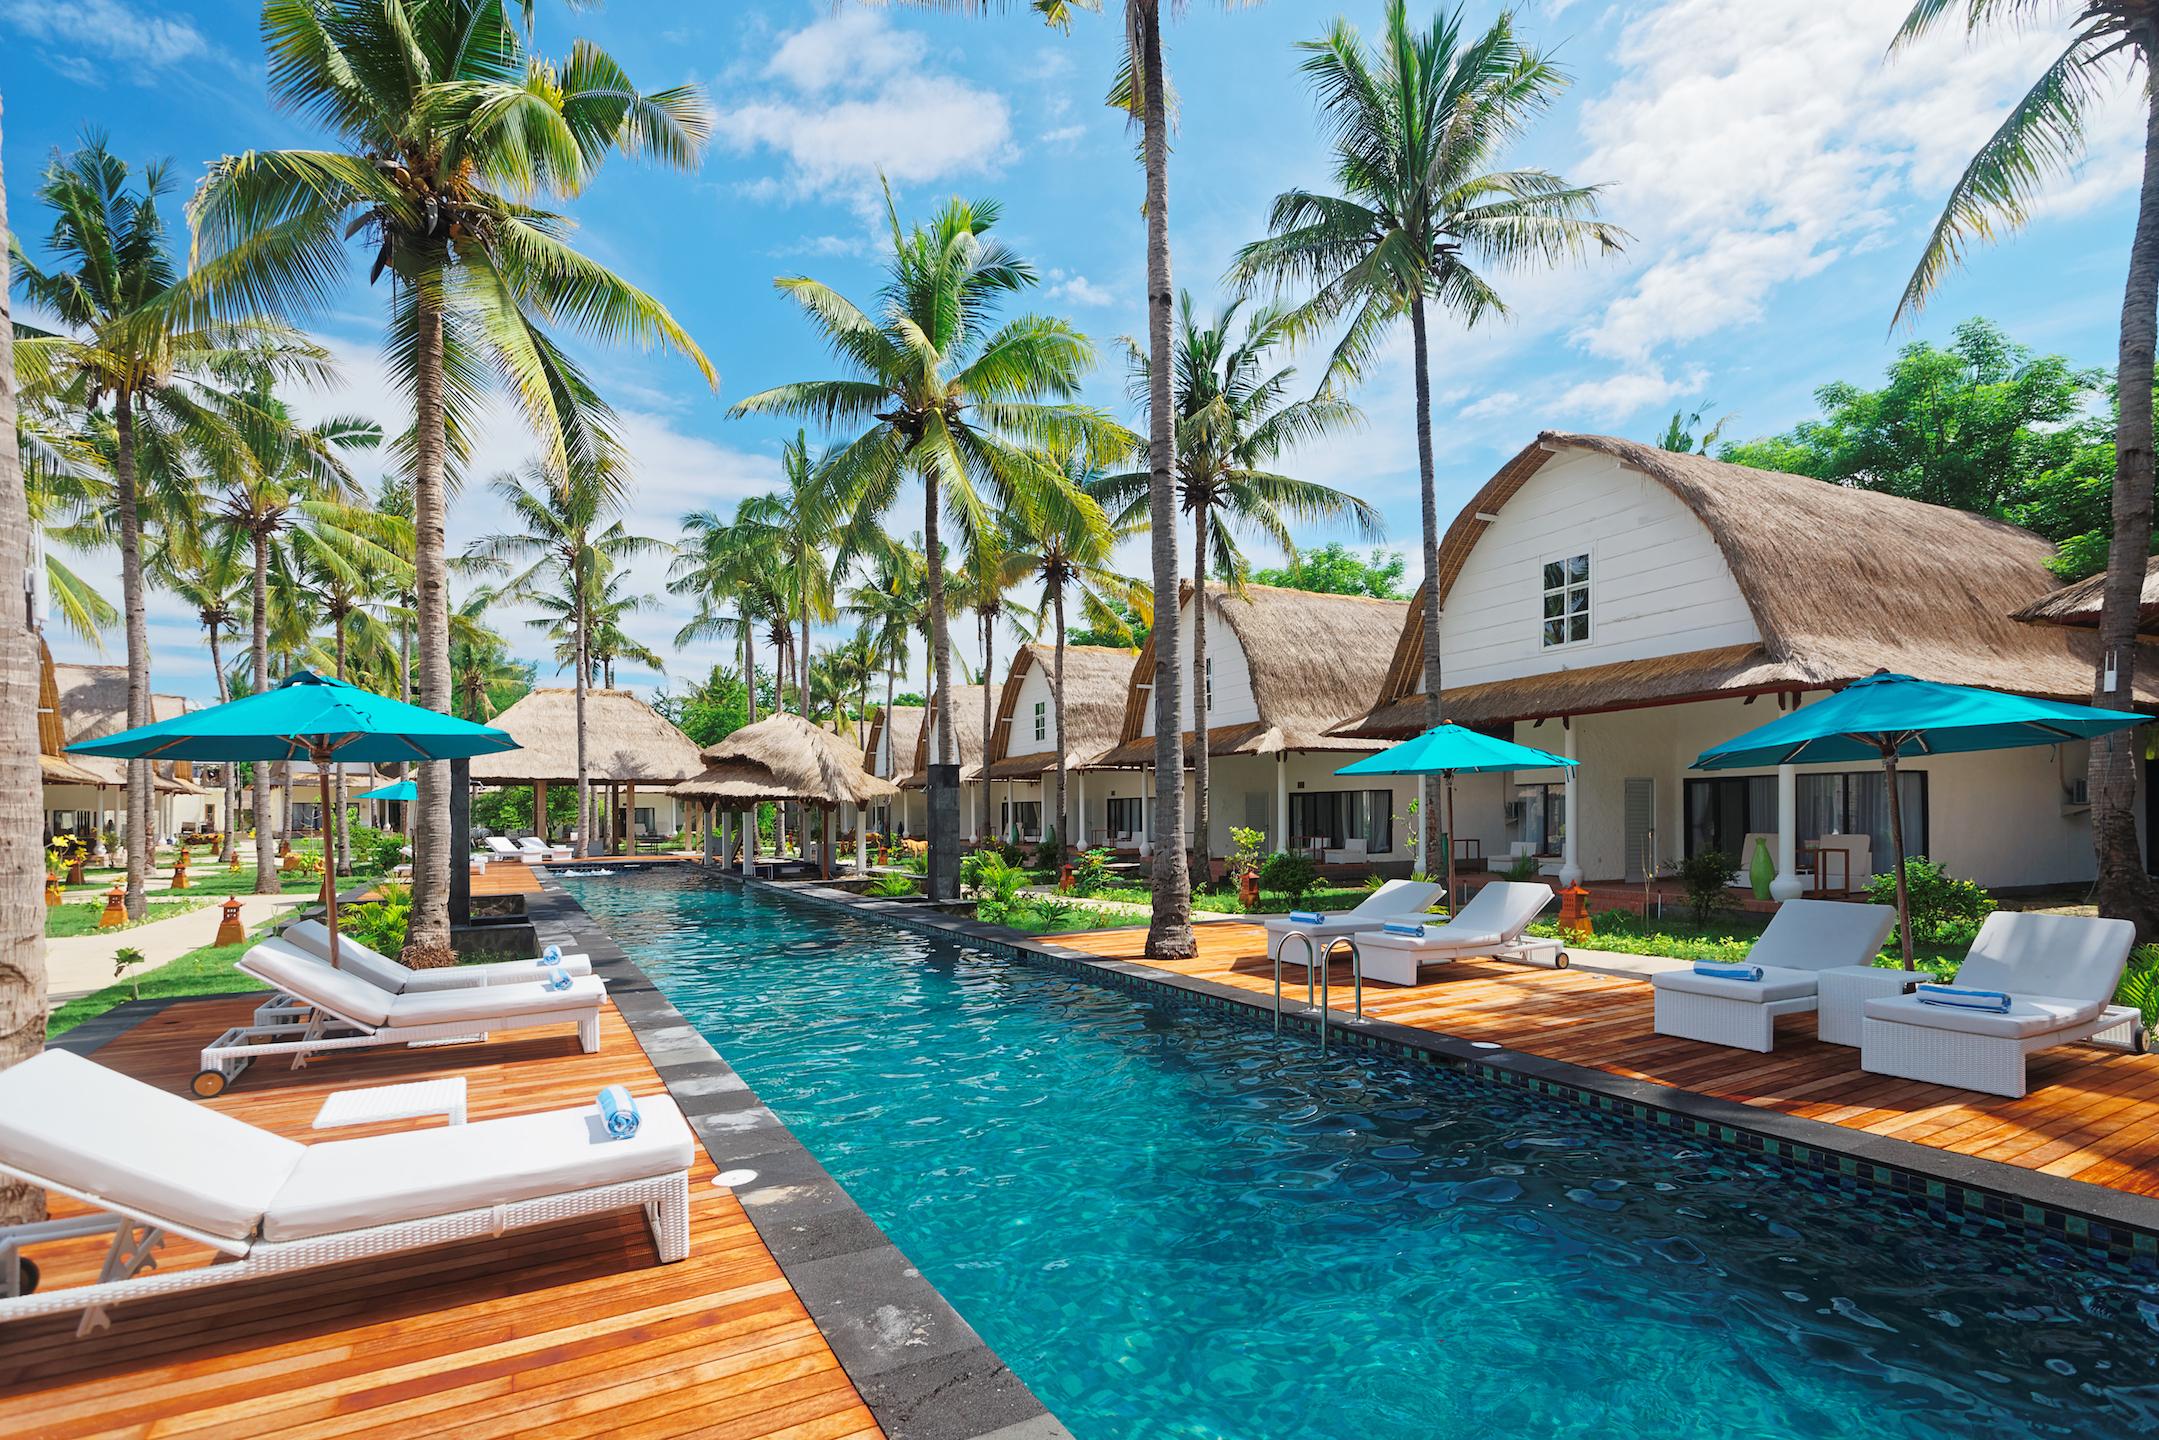 Jambuluwuk Hotels & Resorts, Indonesia